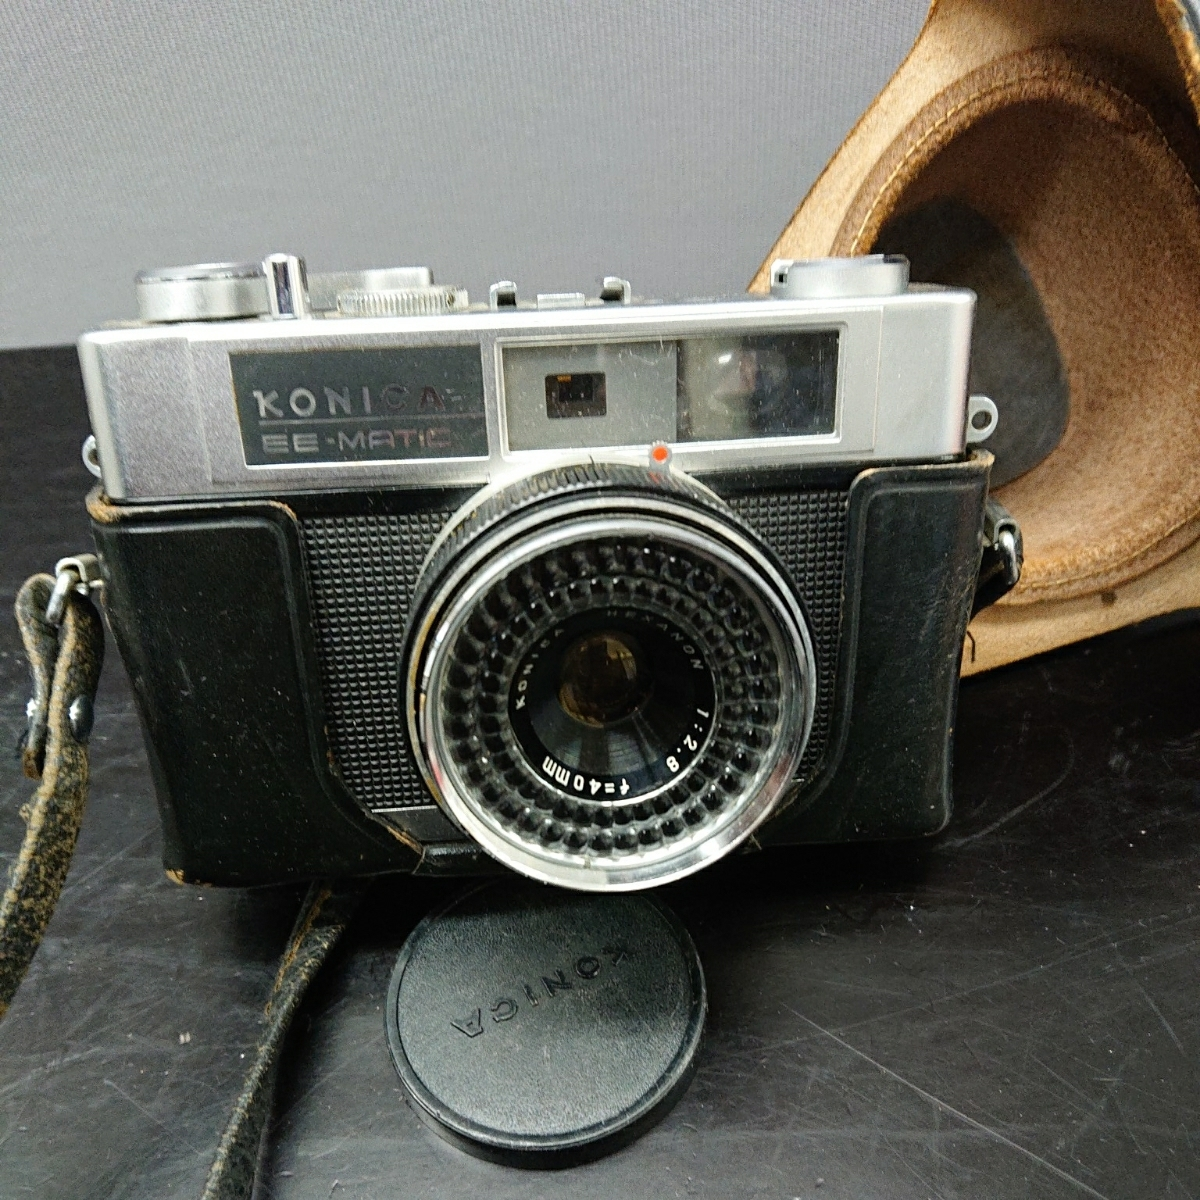 コニカ Konica EE-MATIC Deluxe KONICA HEXANON 1:2.8 f=40mm 専用ケース付き み